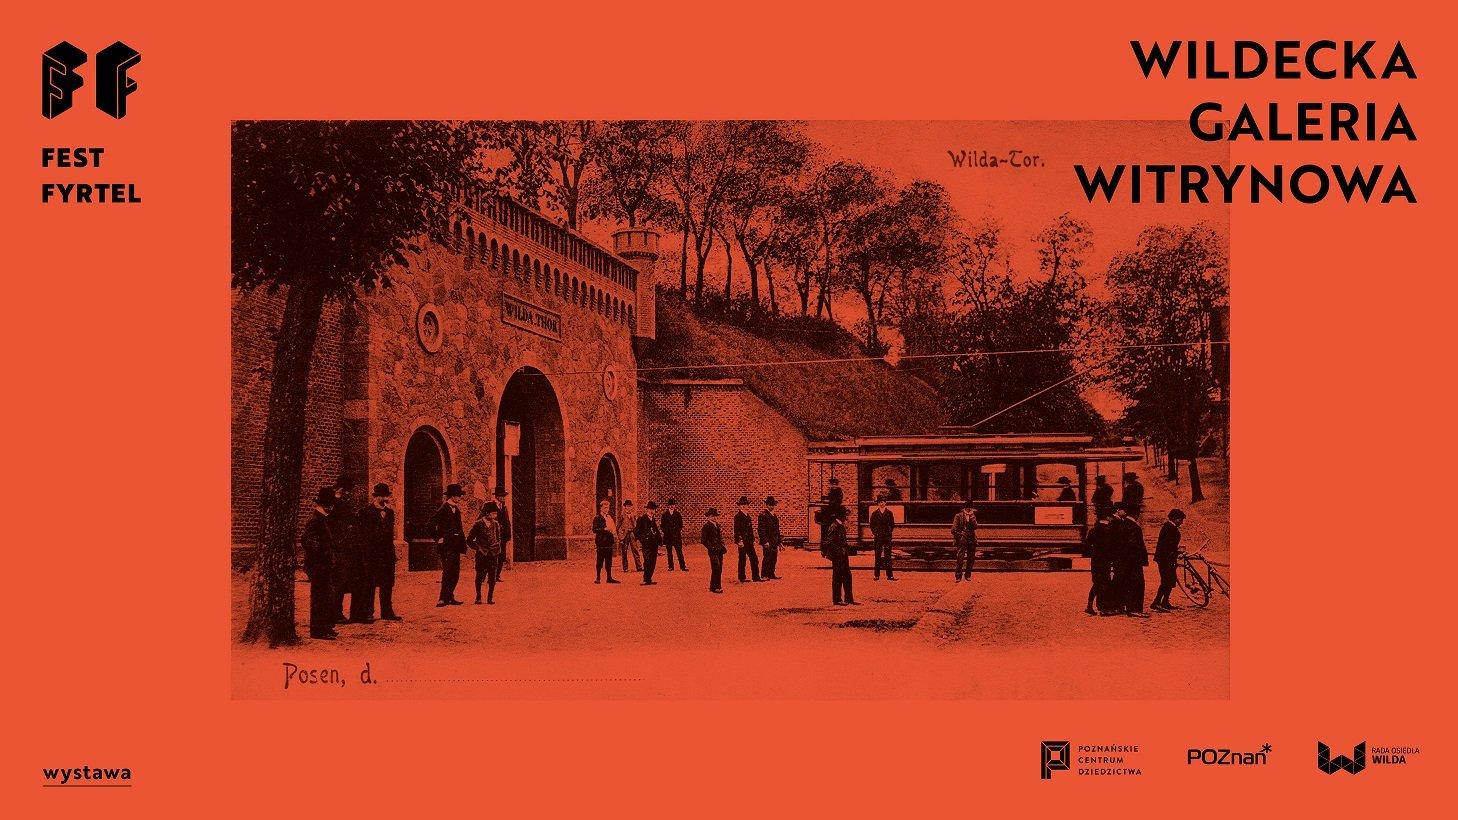 Wildecka Galeria Witrynowa